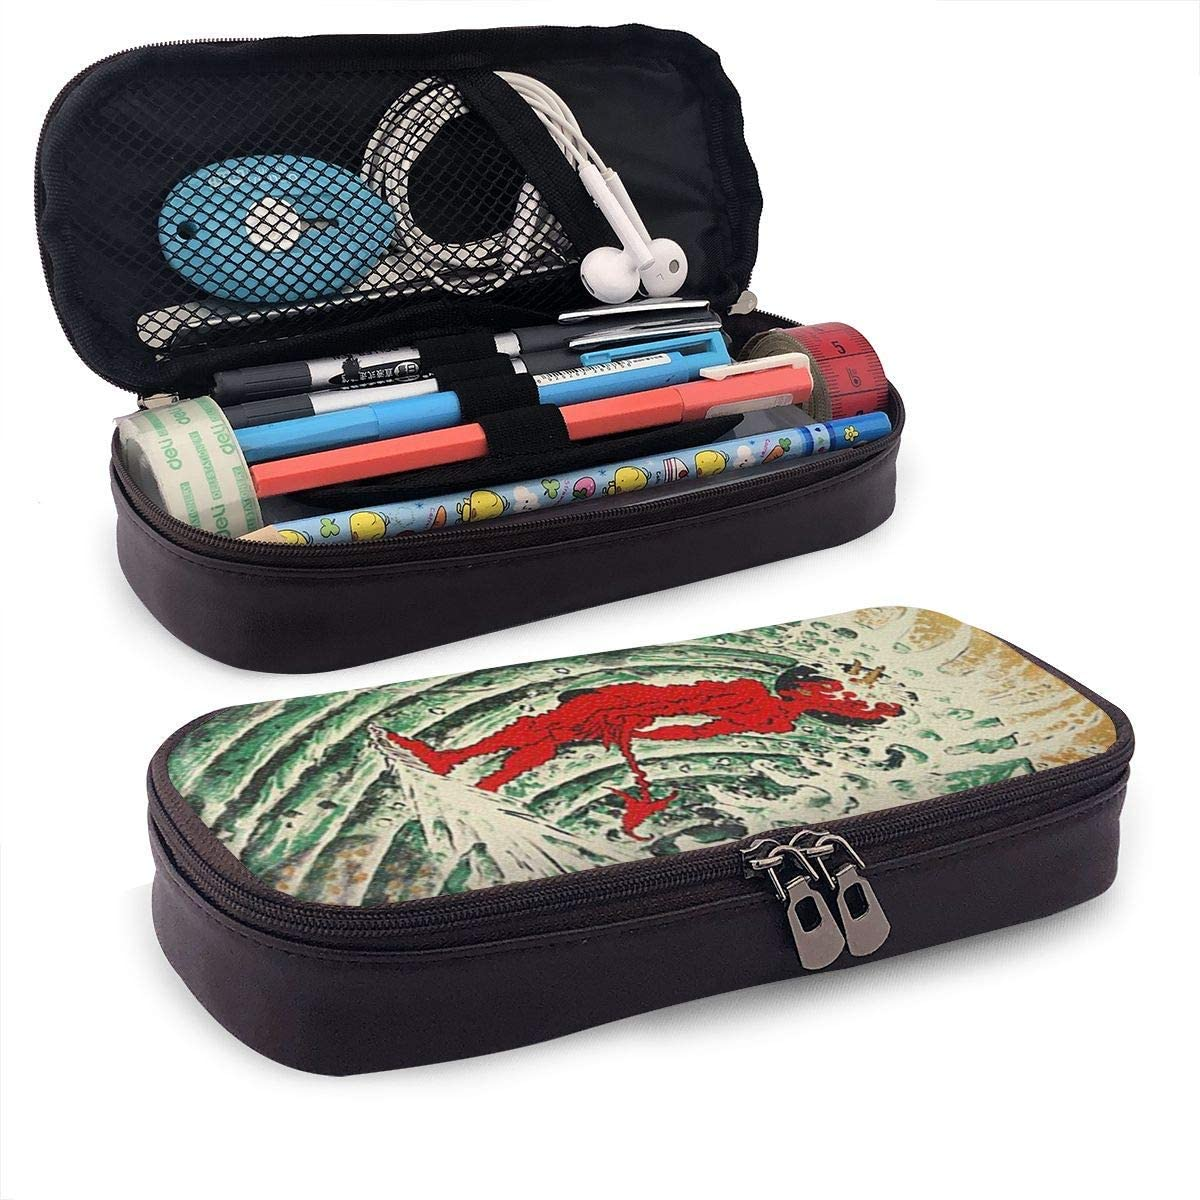 Estilo de pintura japonesa espíritus malignos surf PU cuero lápiz estuche para bolígrafo bolsa con cremallera material escolar para estudiantes